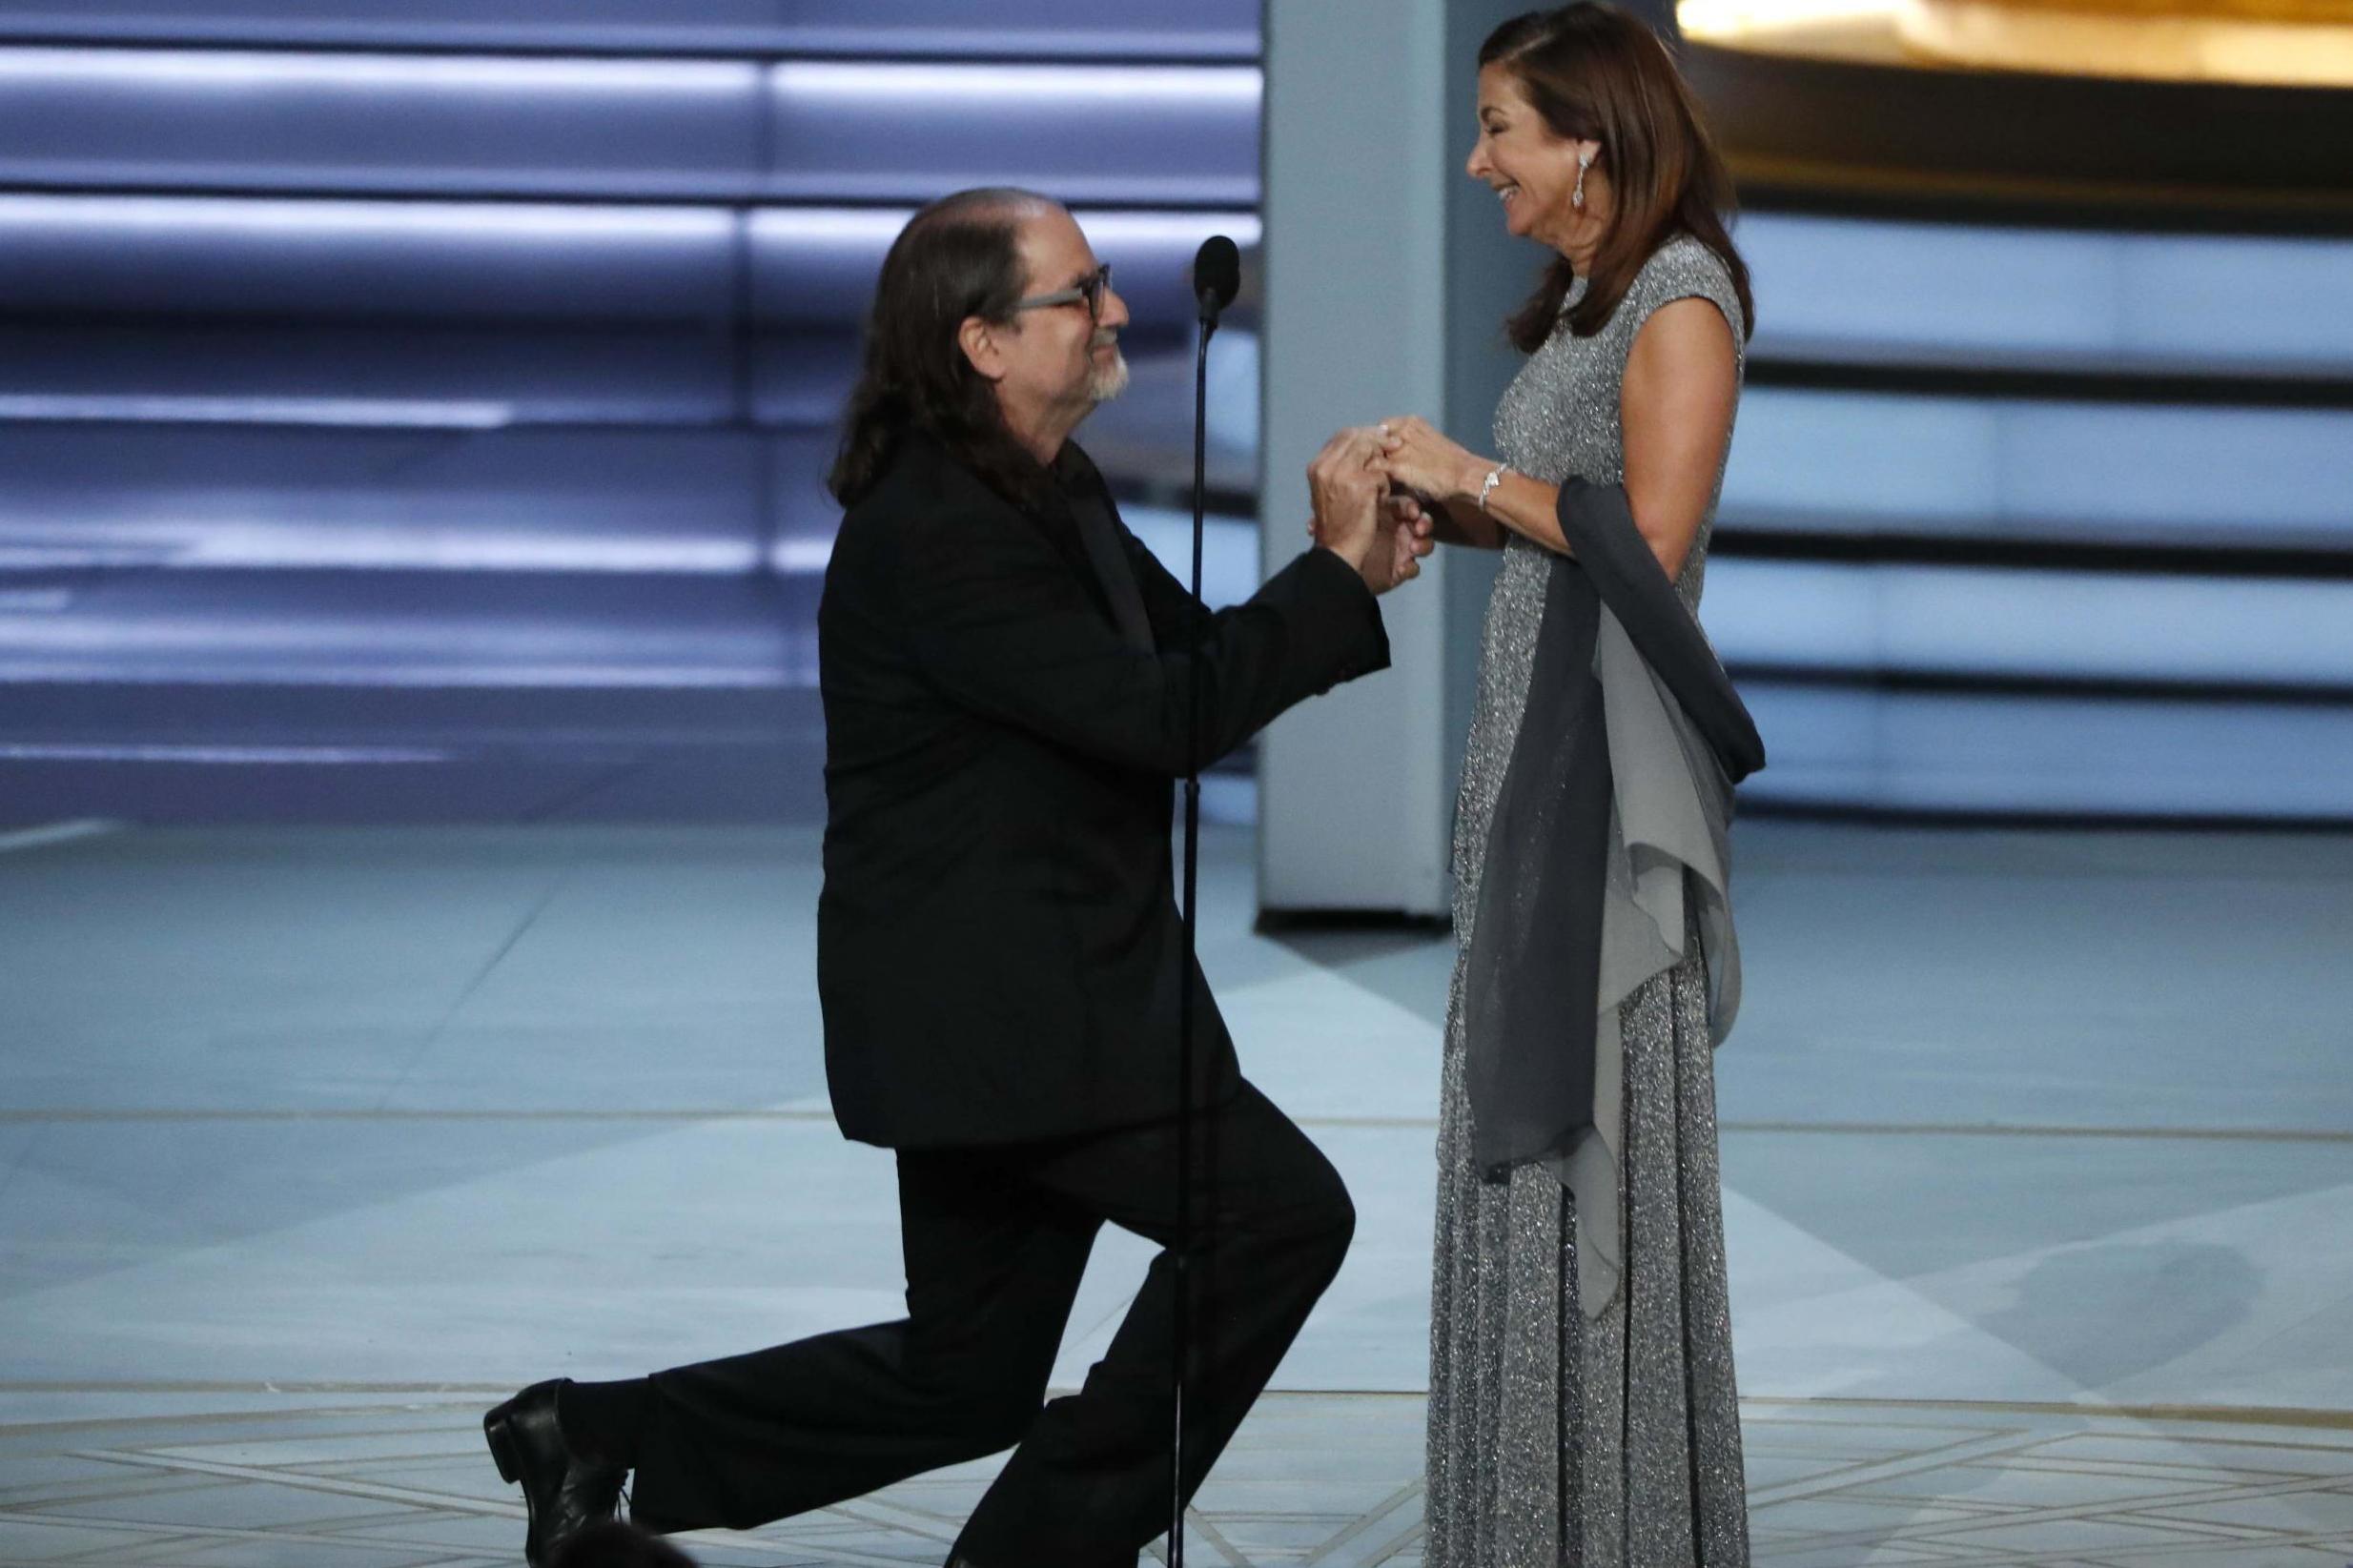 Glenn Weis y su prometida Jan en la gala de los Emmys // Evening Standard